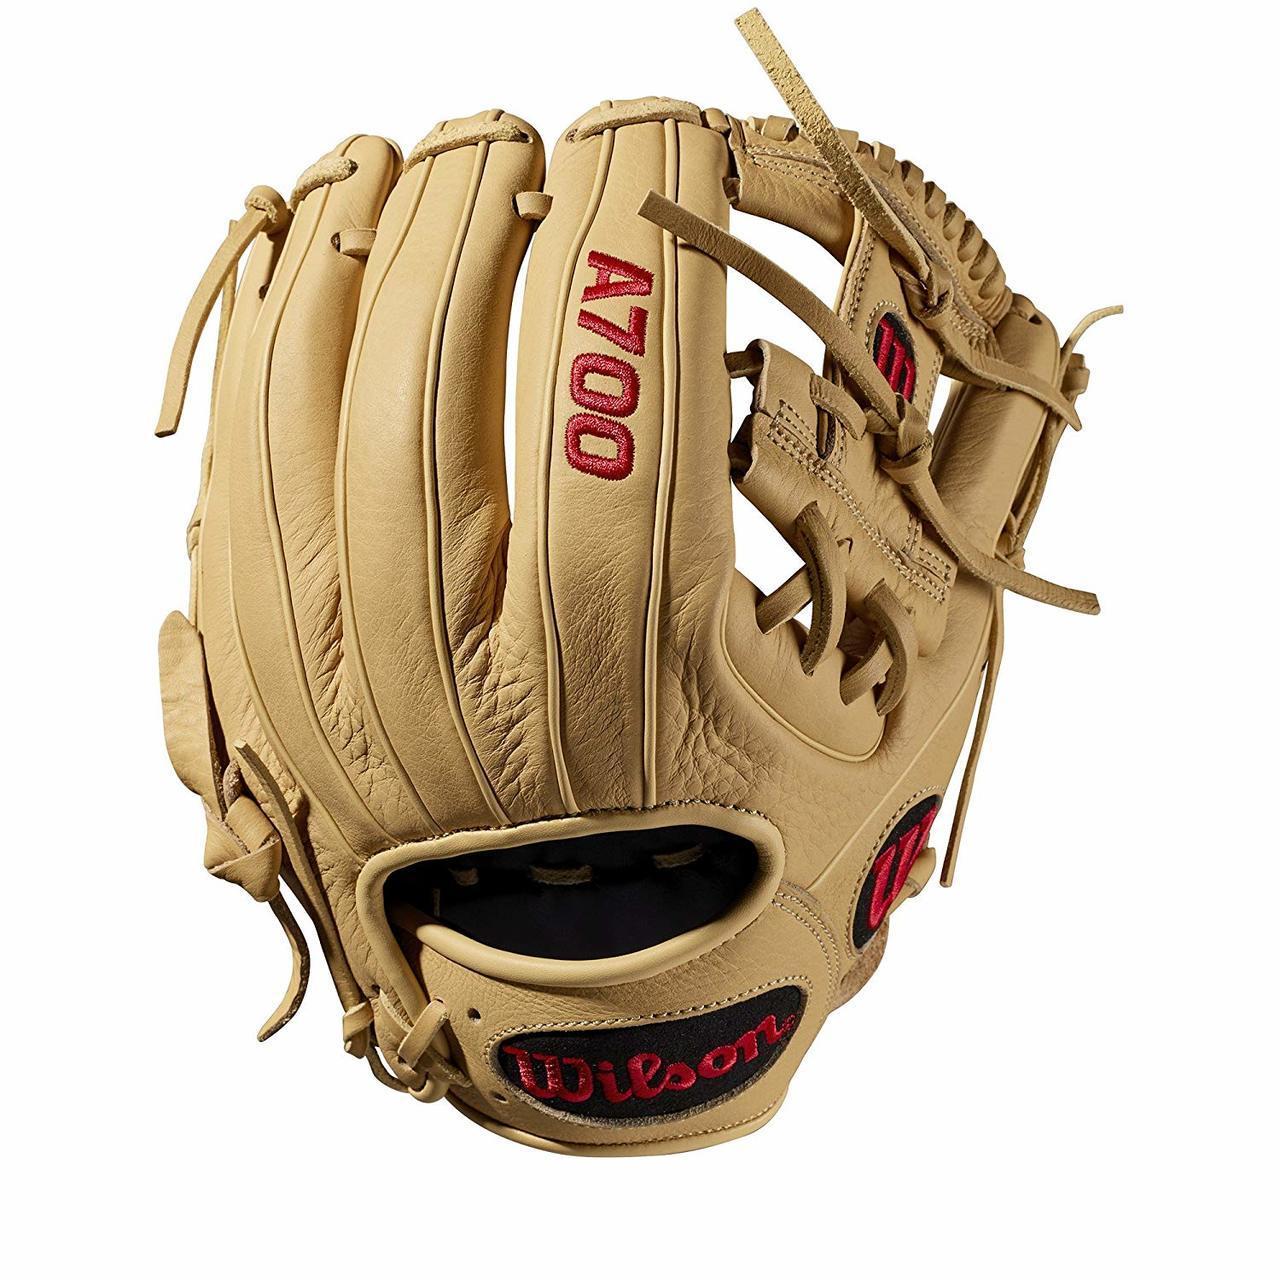 wilson a700 baseball glove